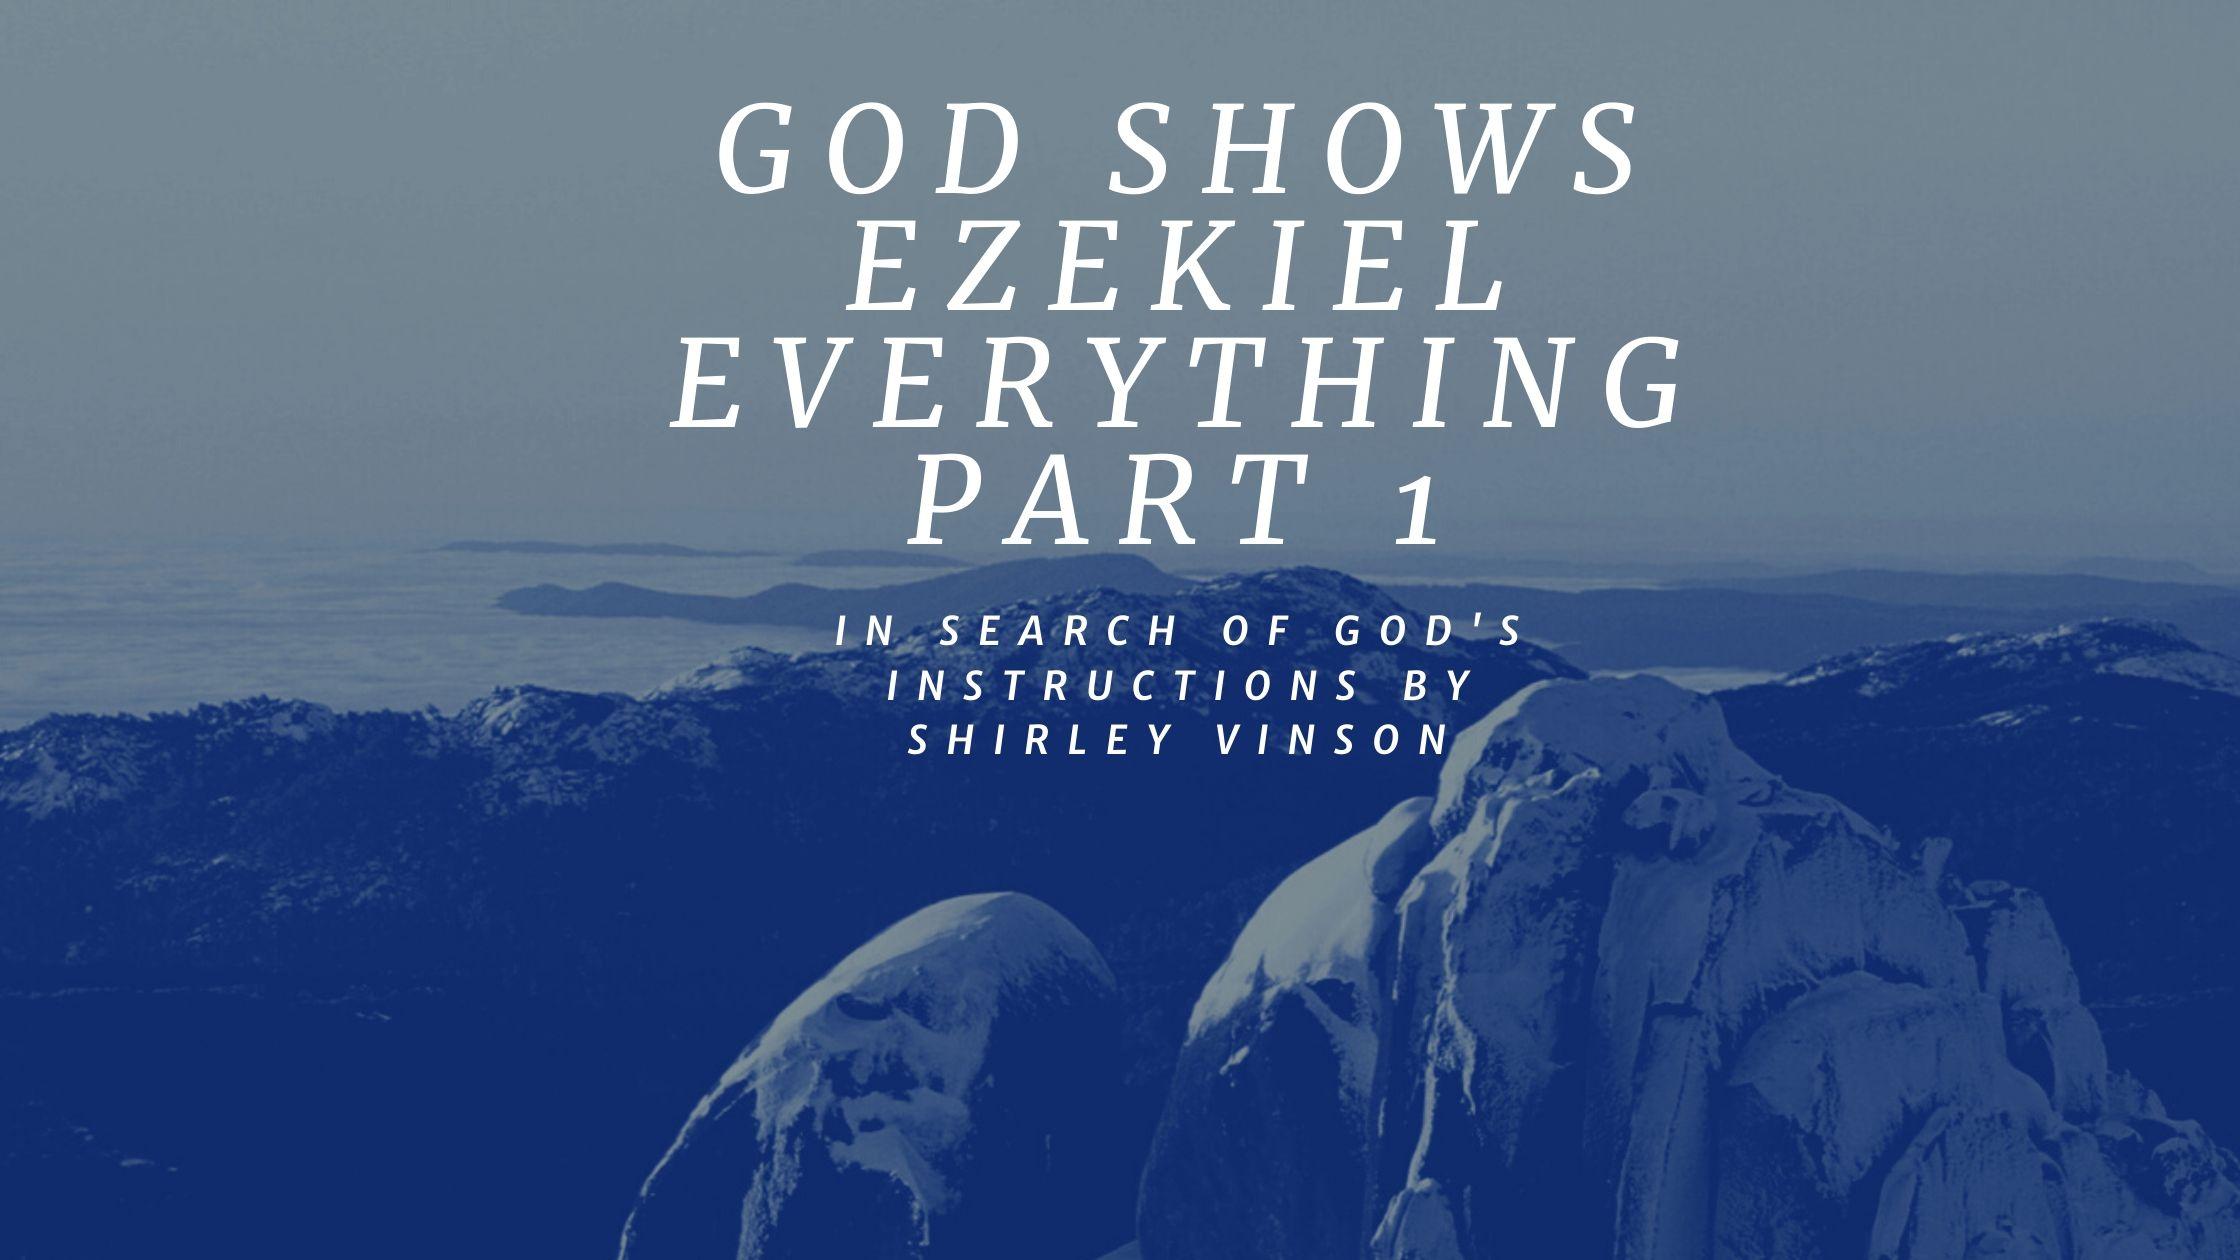 Episode 13: GOD Shows Ezekiel Everything – Part 1